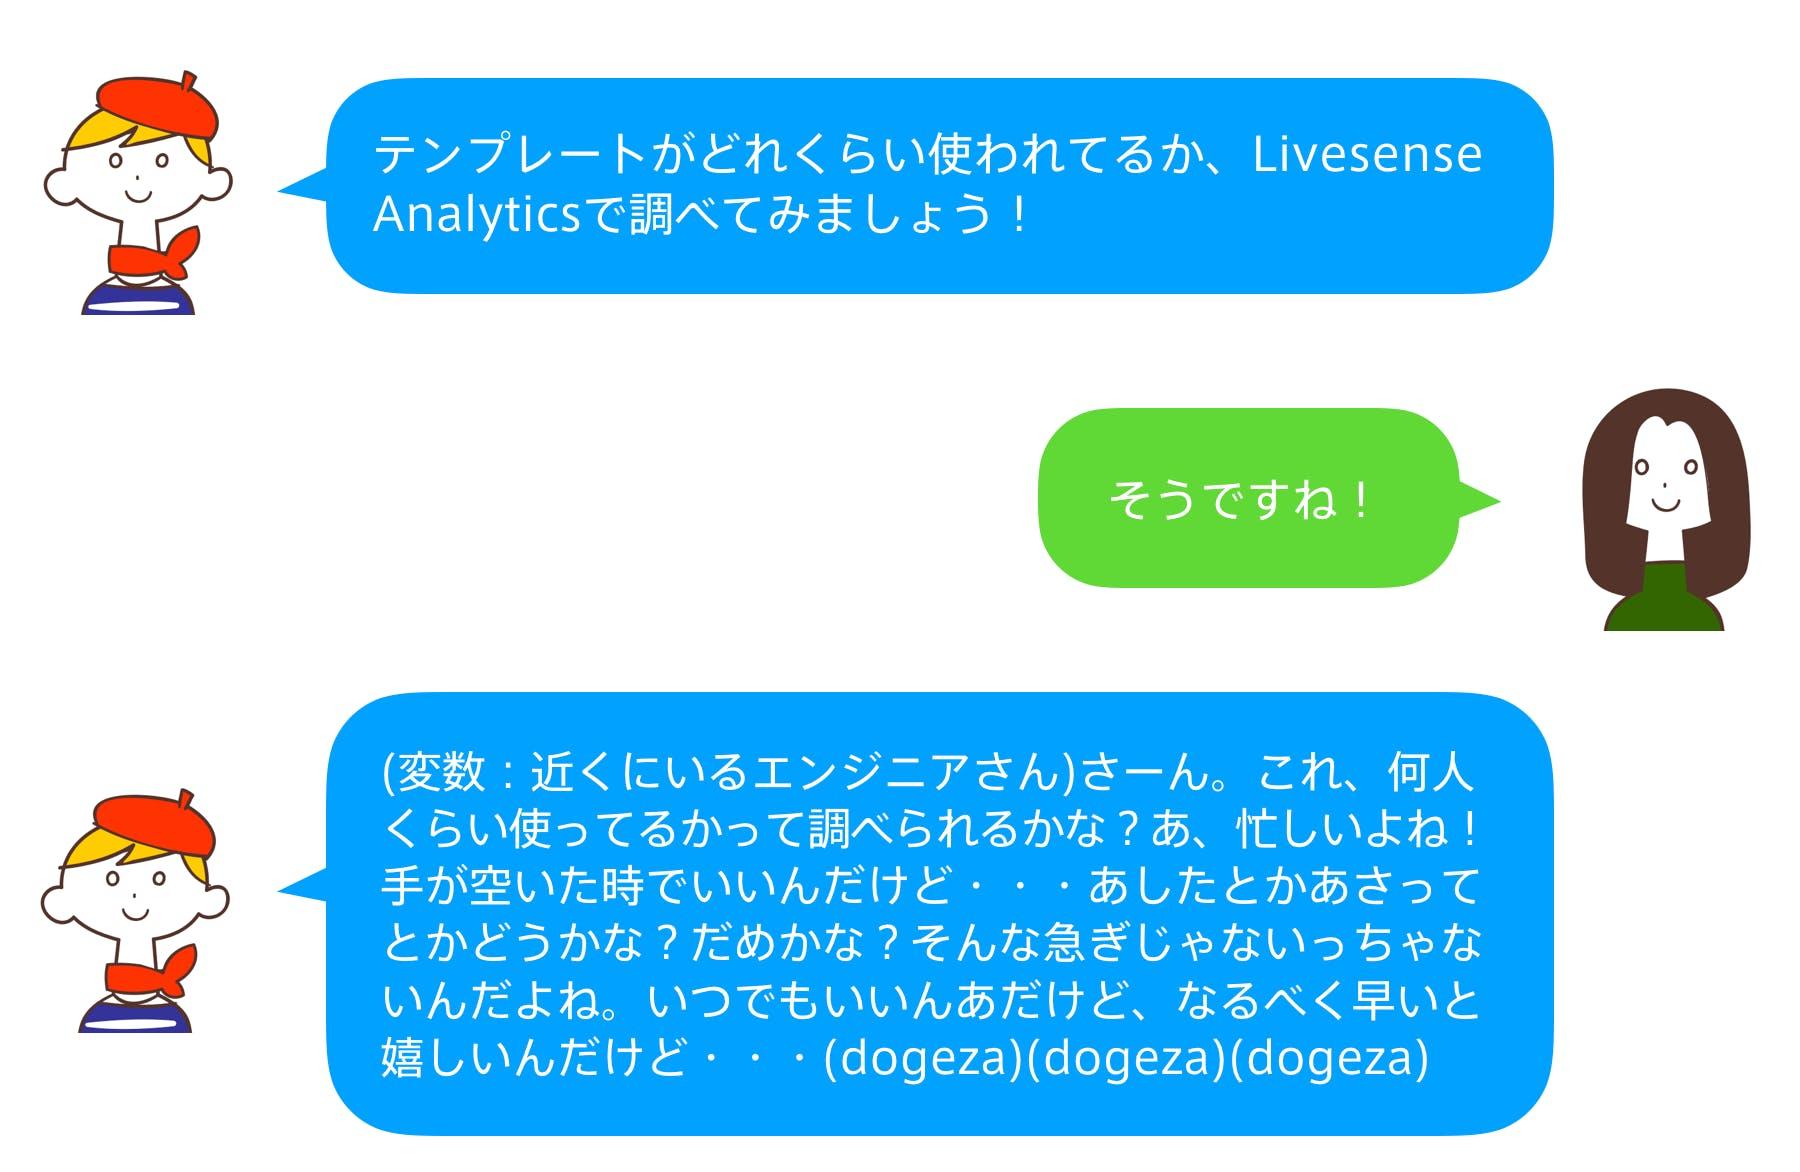 Screen Shot 2017-12-05 at 00.05.17.png